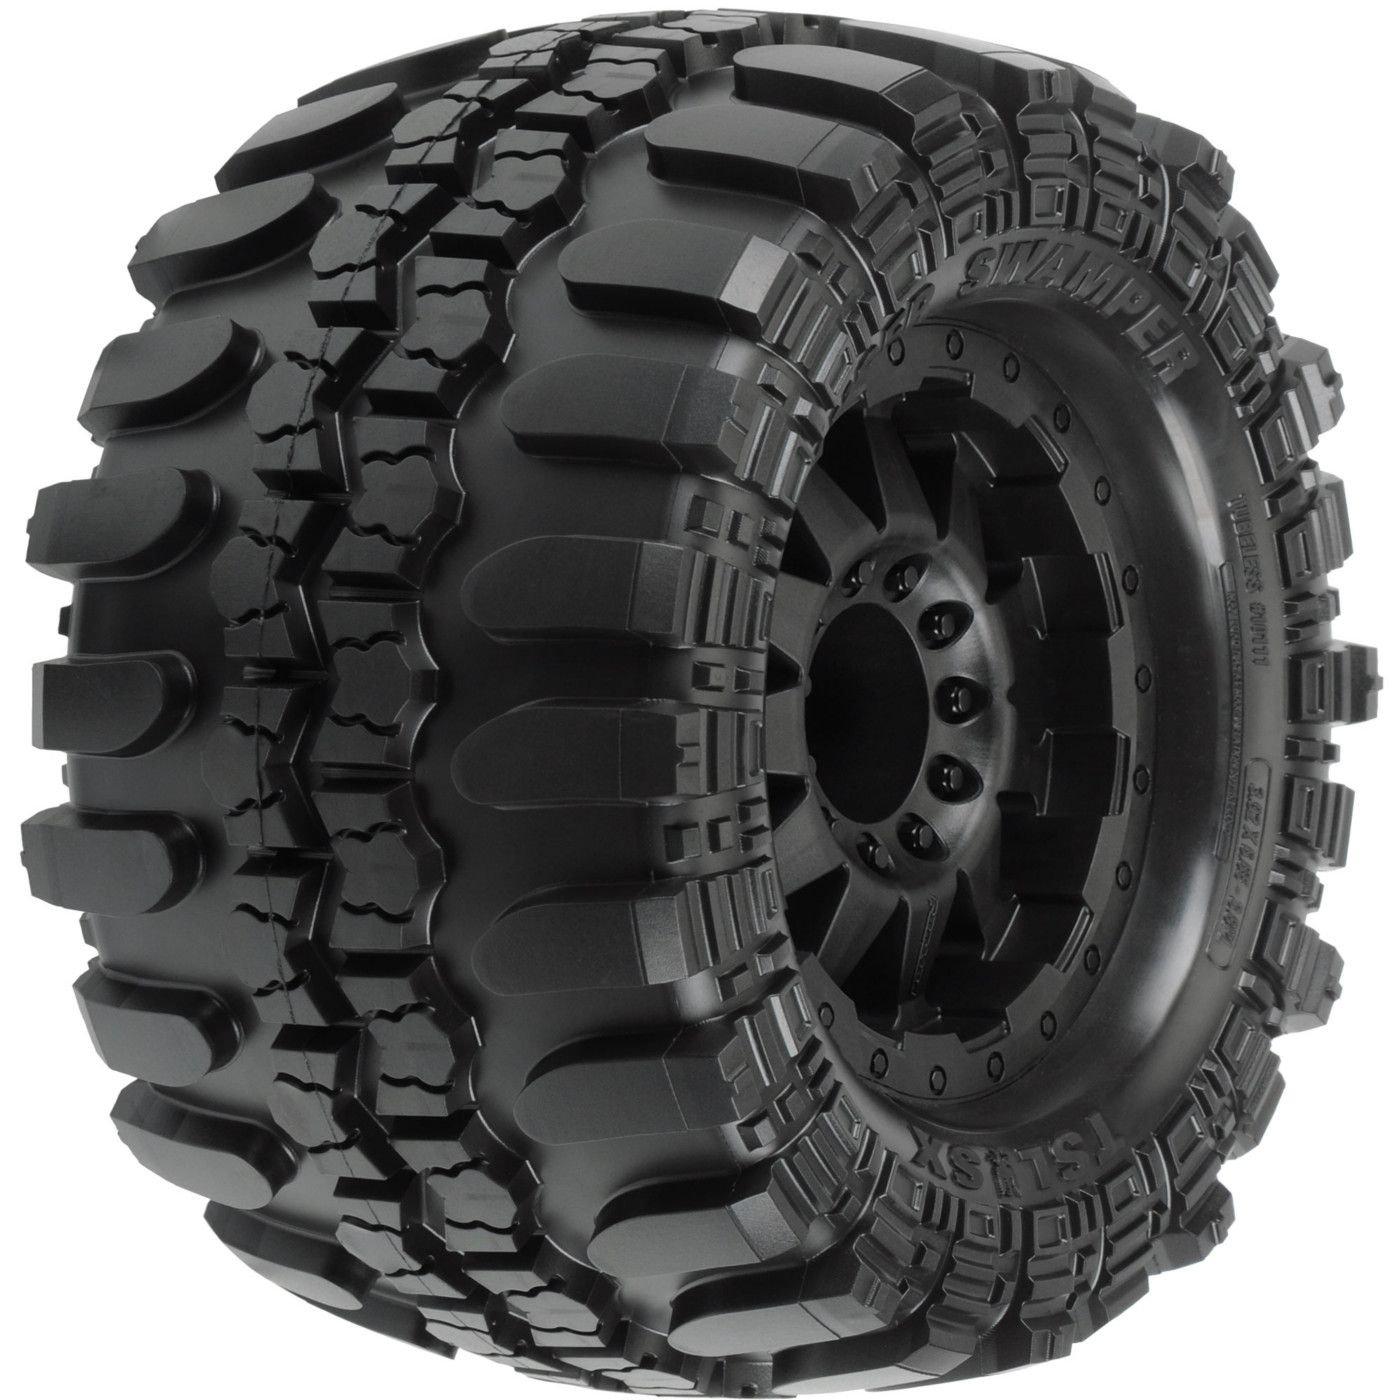 Proline 1011113 Interco TSL SX Super Swamper 3,8 Tire